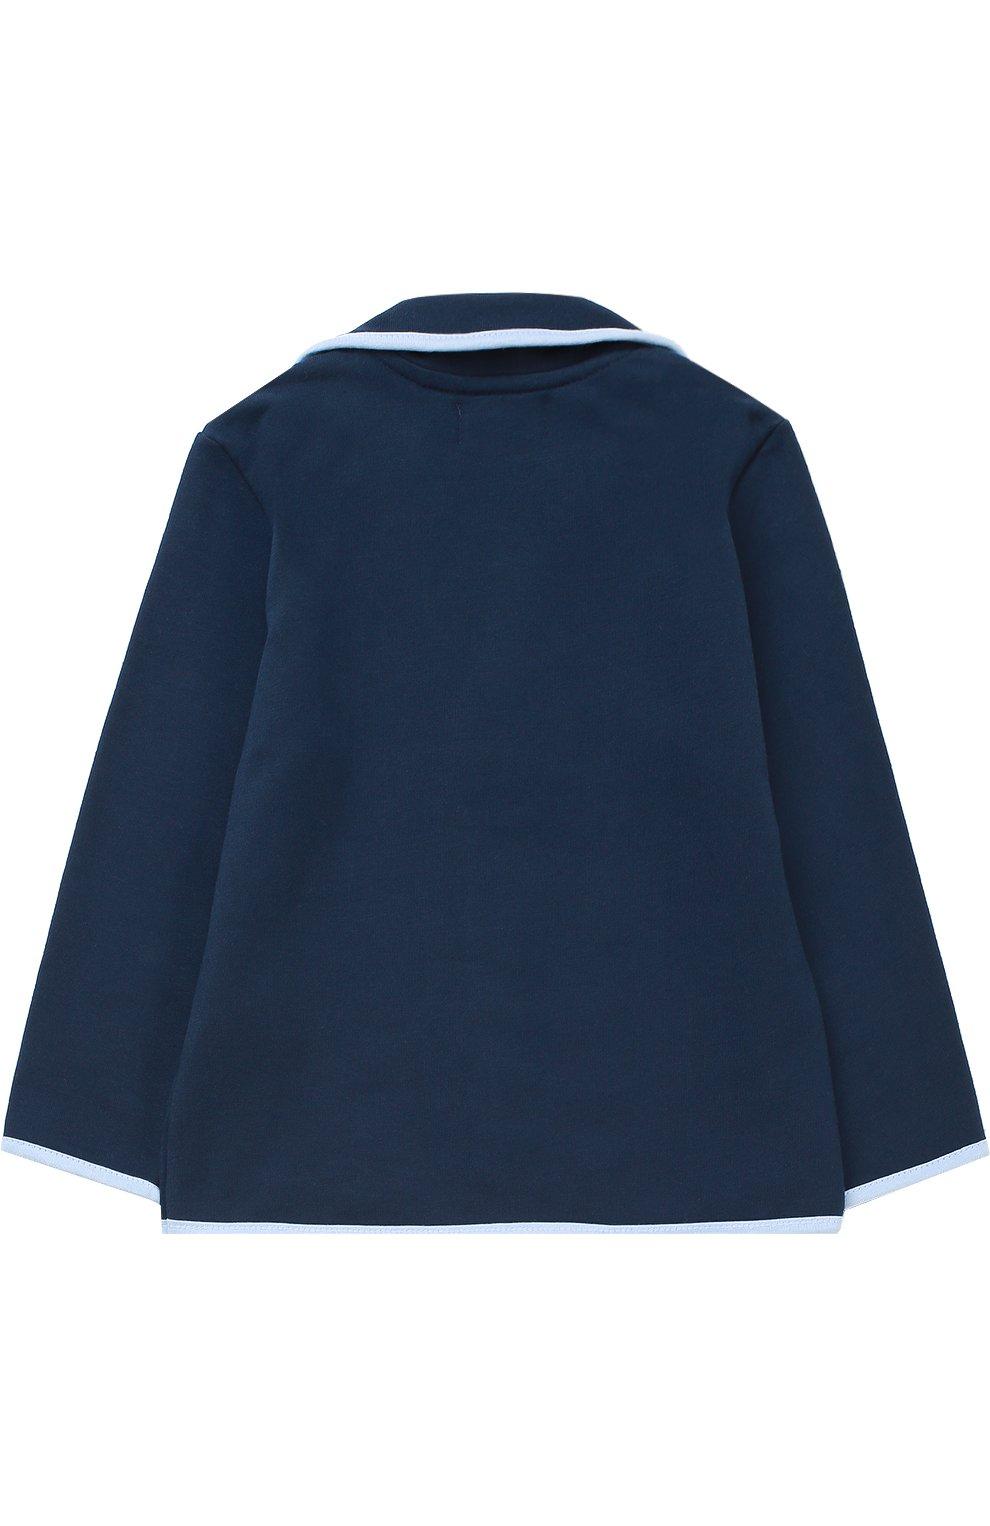 Детский пиджак джерси с контрастной окантовкой SANETTA FIFTYSEVEN синего цвета, арт. 901379   Фото 2